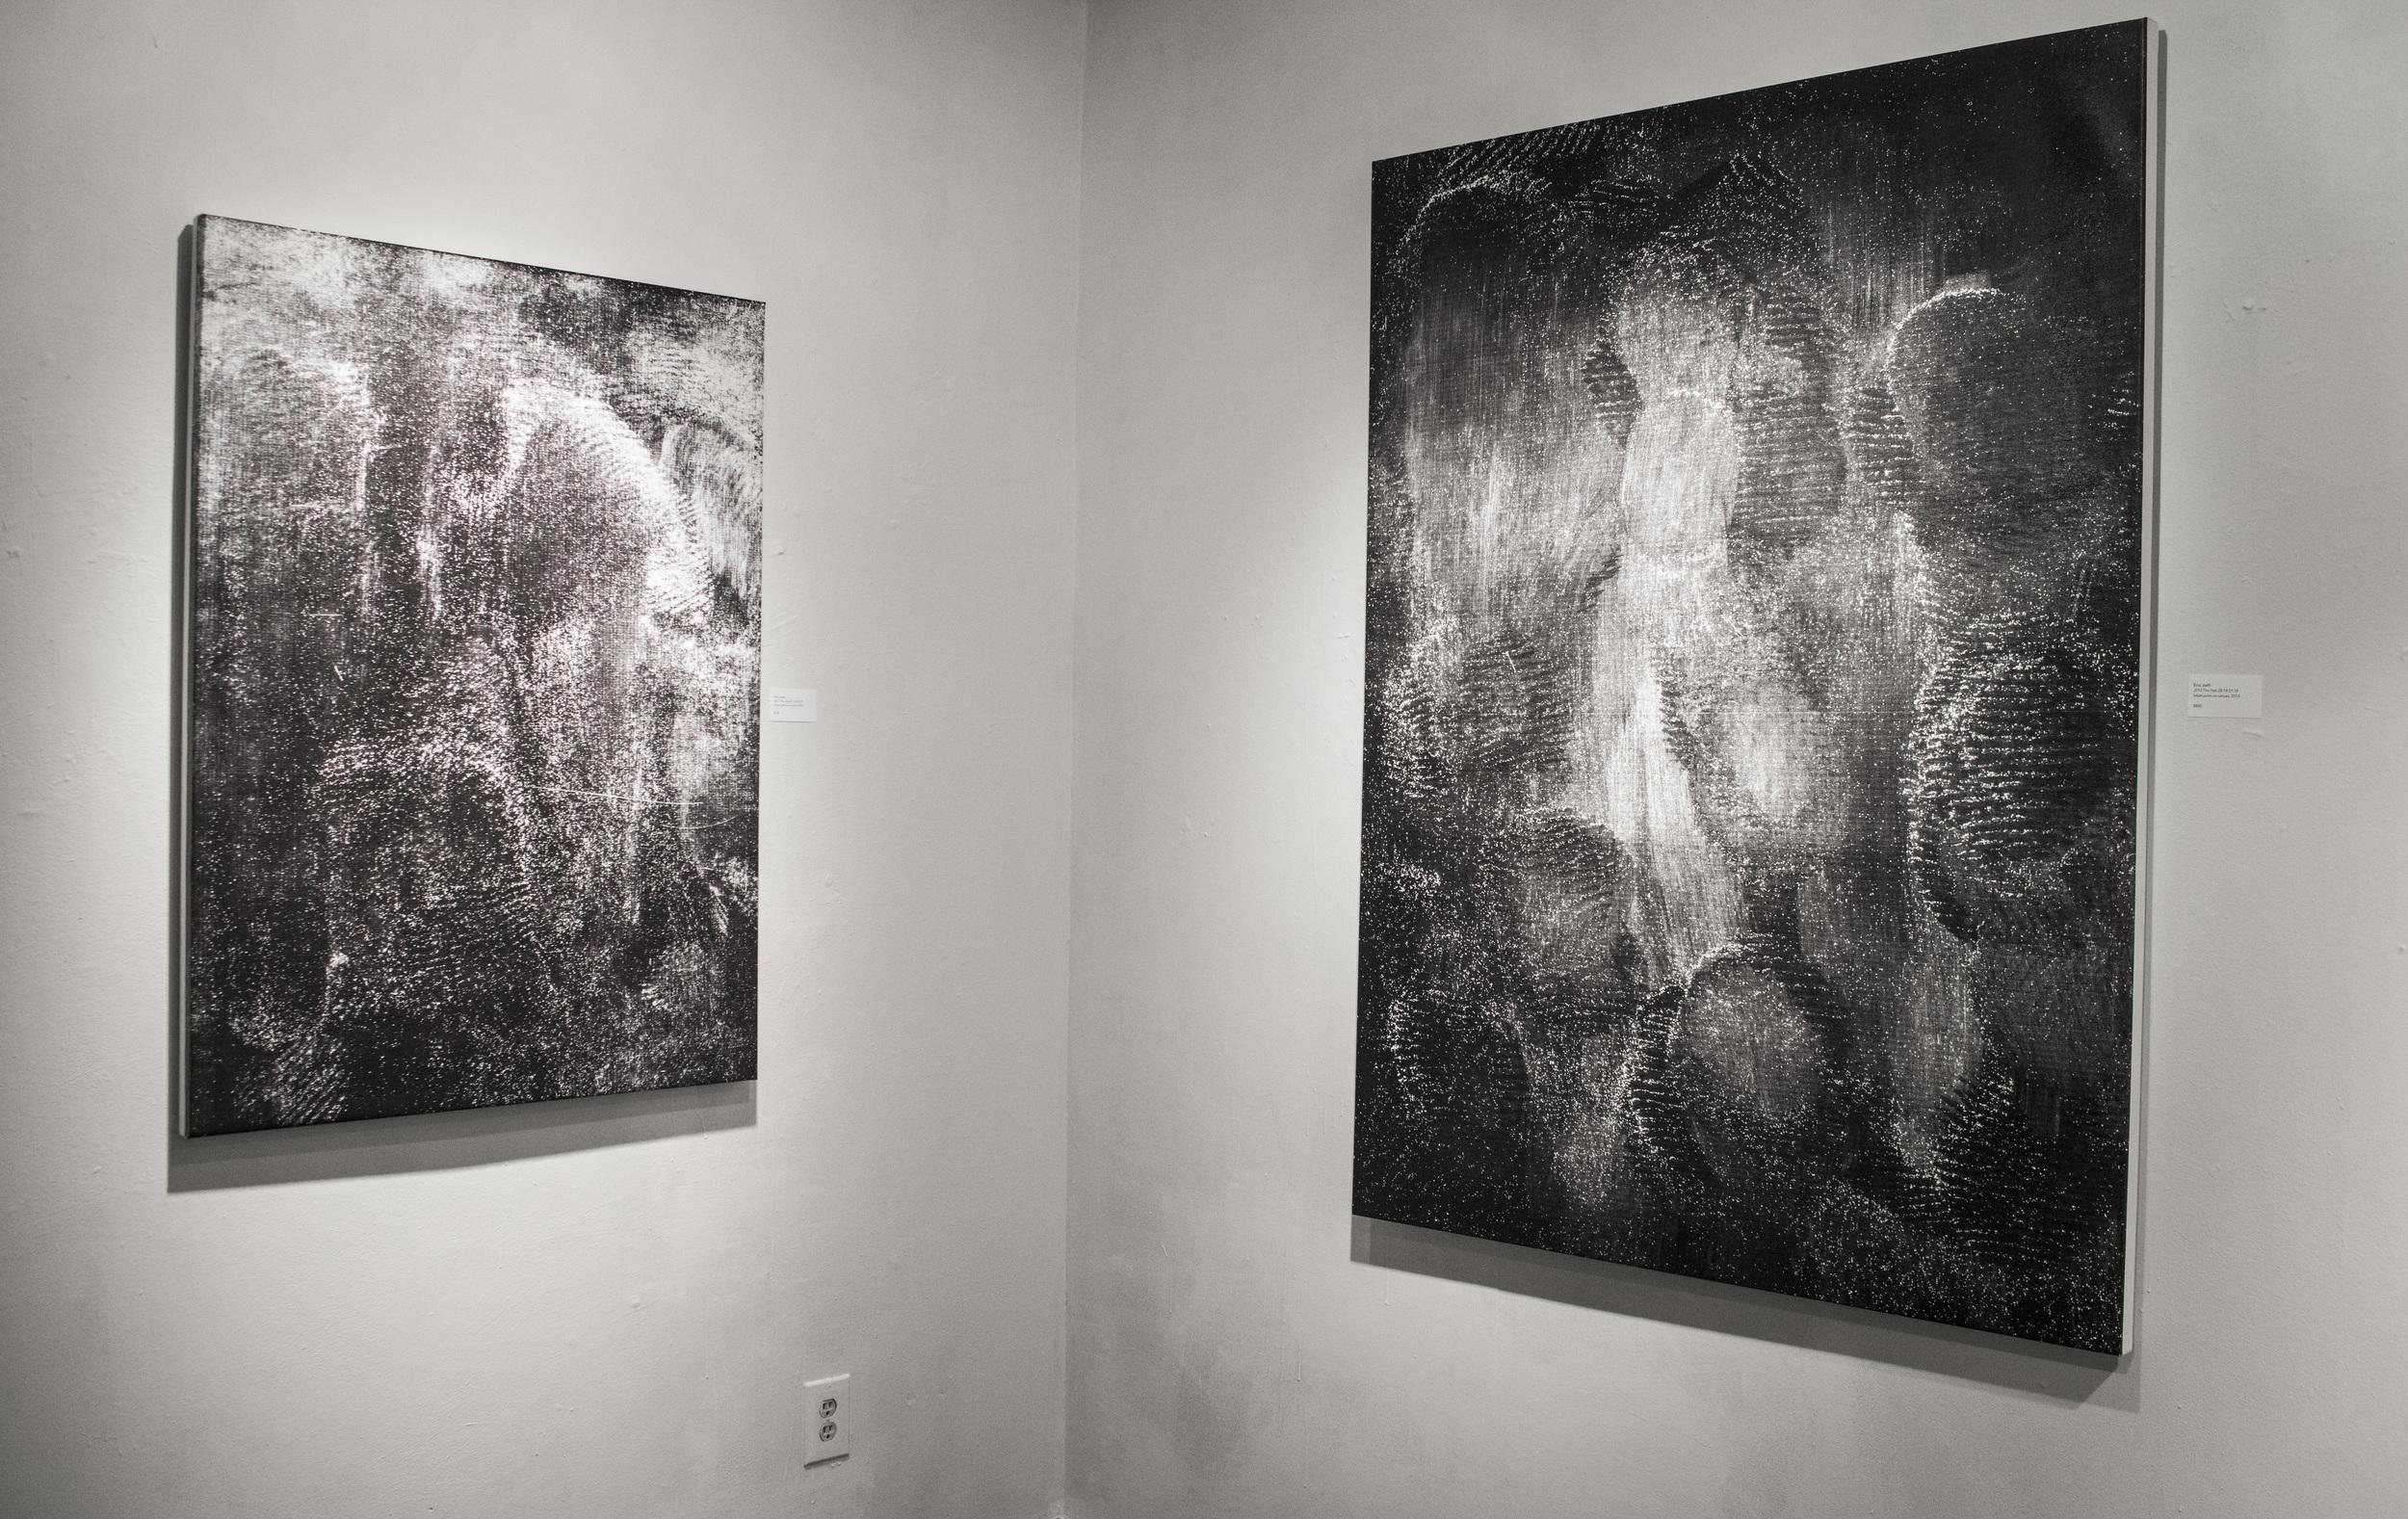 Exhibit view: Delurk Gallery, 2015